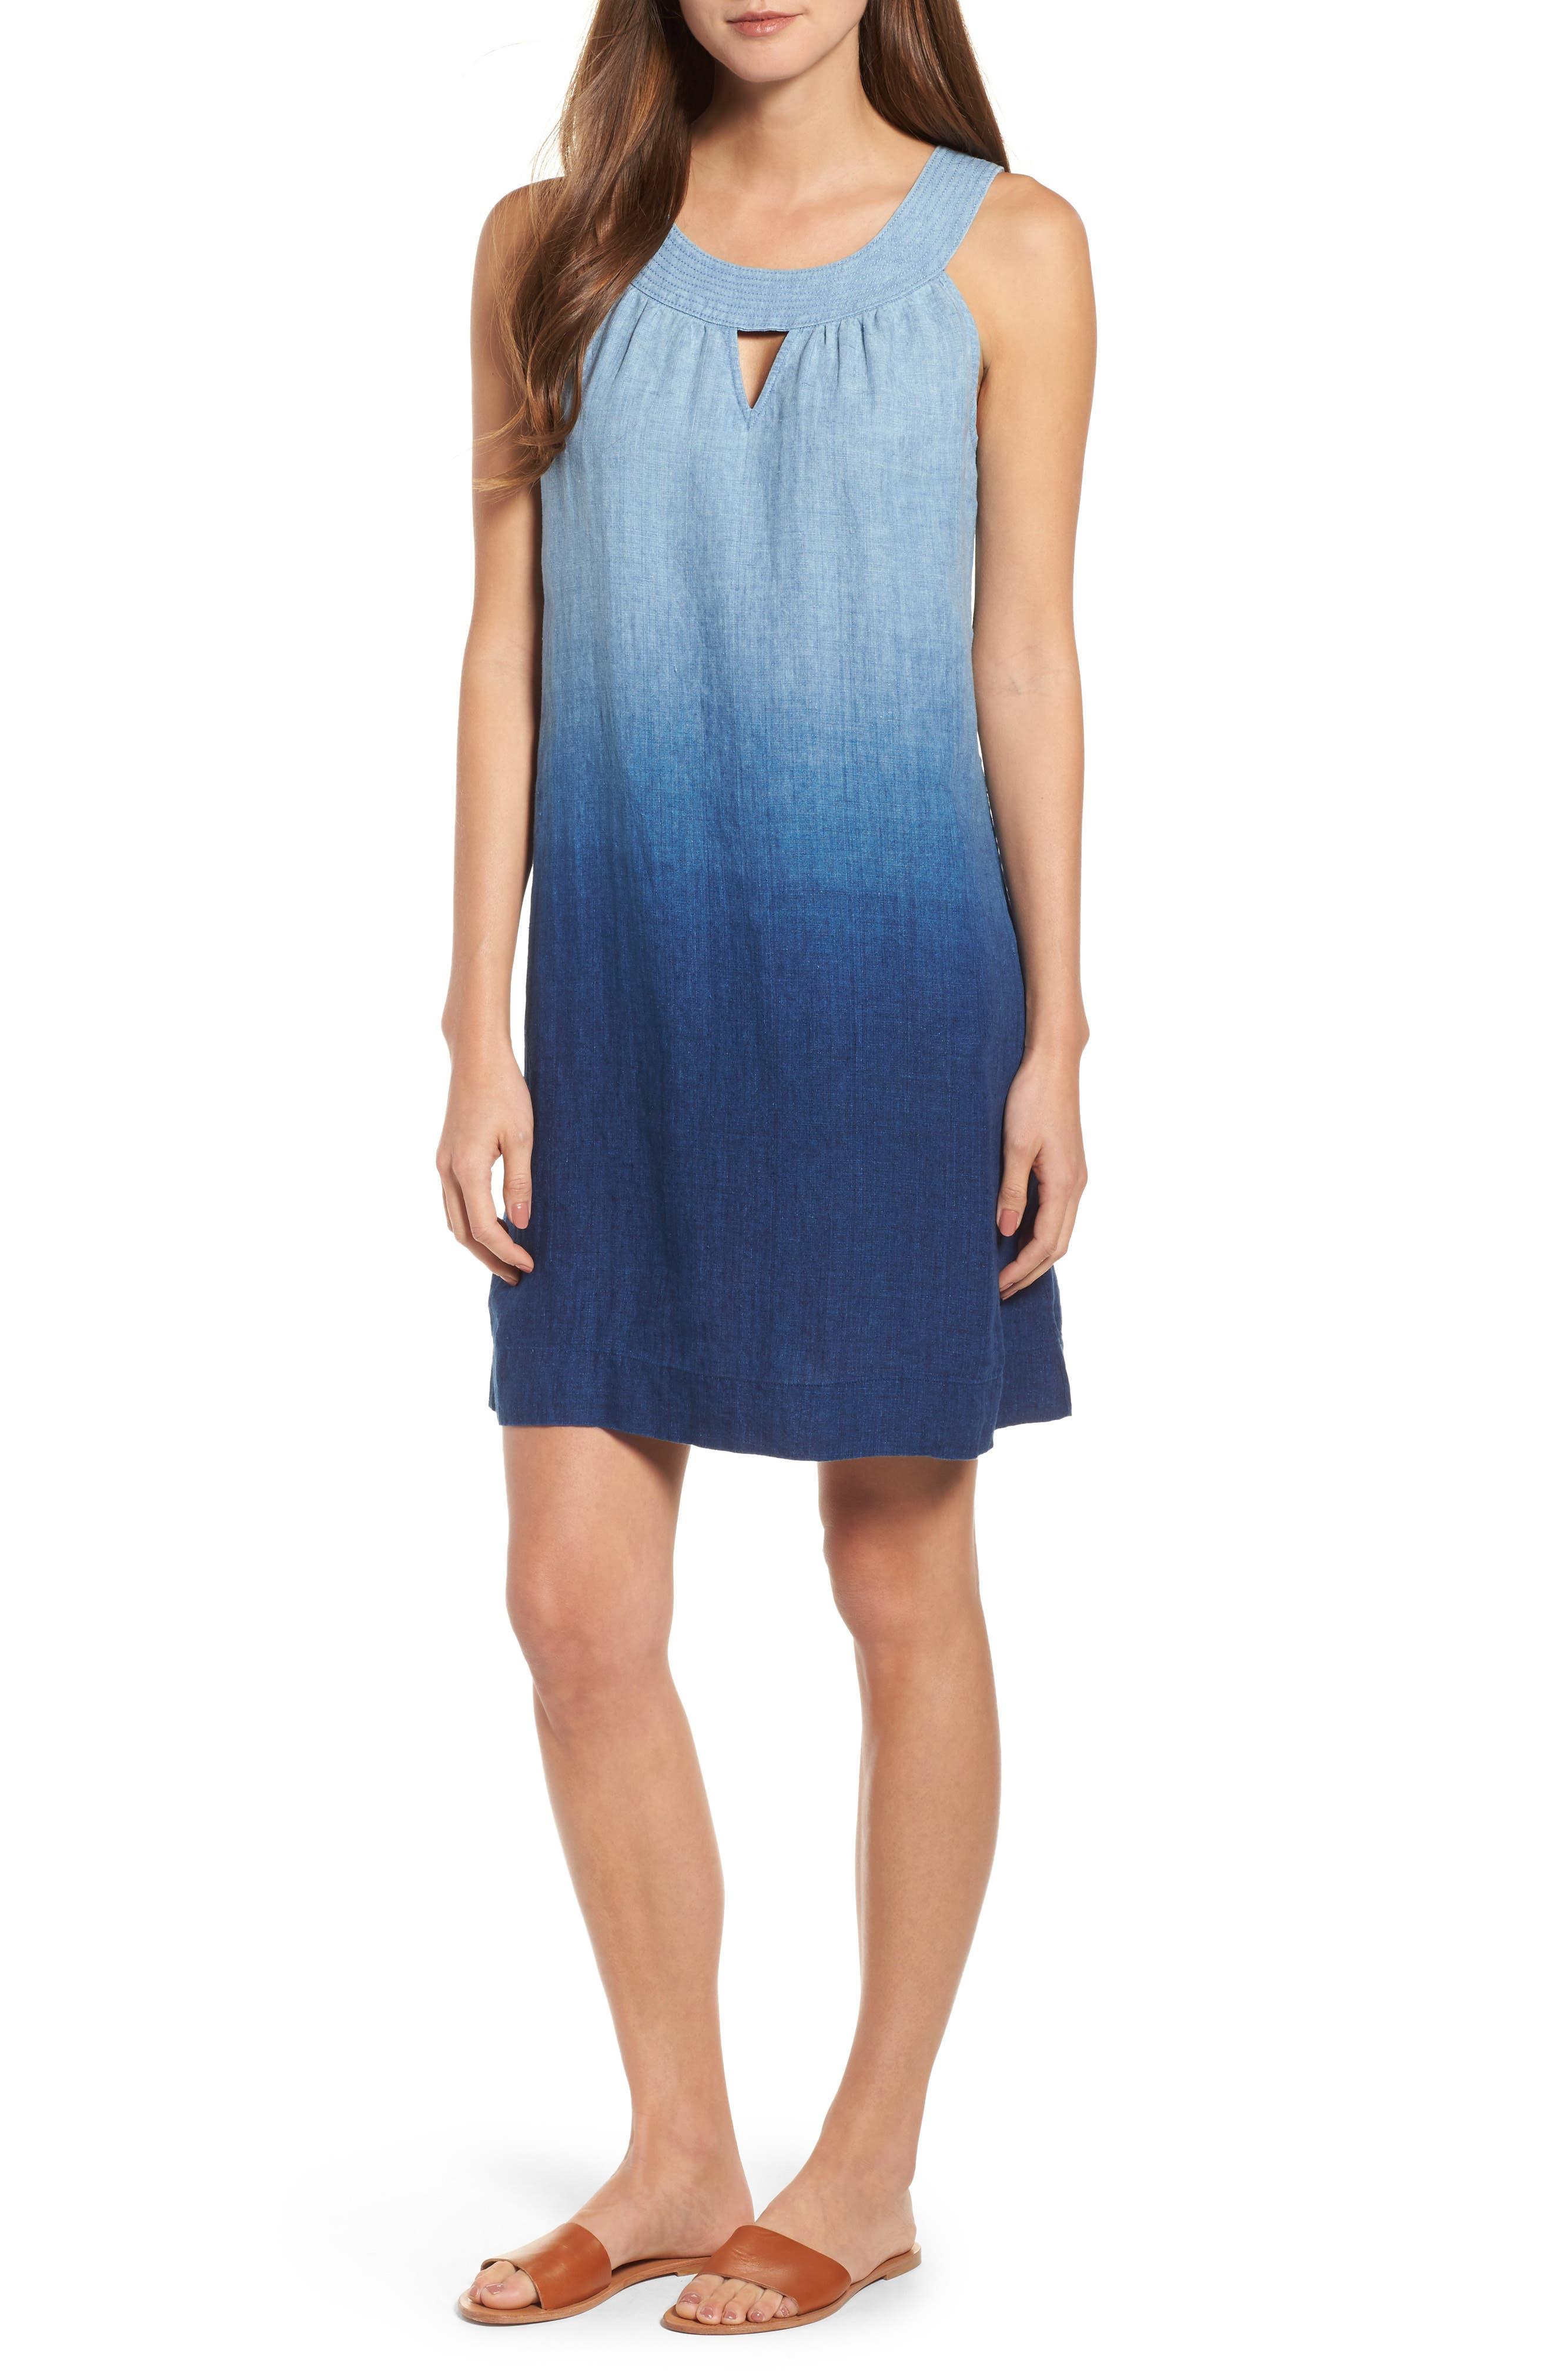 Main Image - Tommy Bahama Indigo Dip Dyed Shift Dress